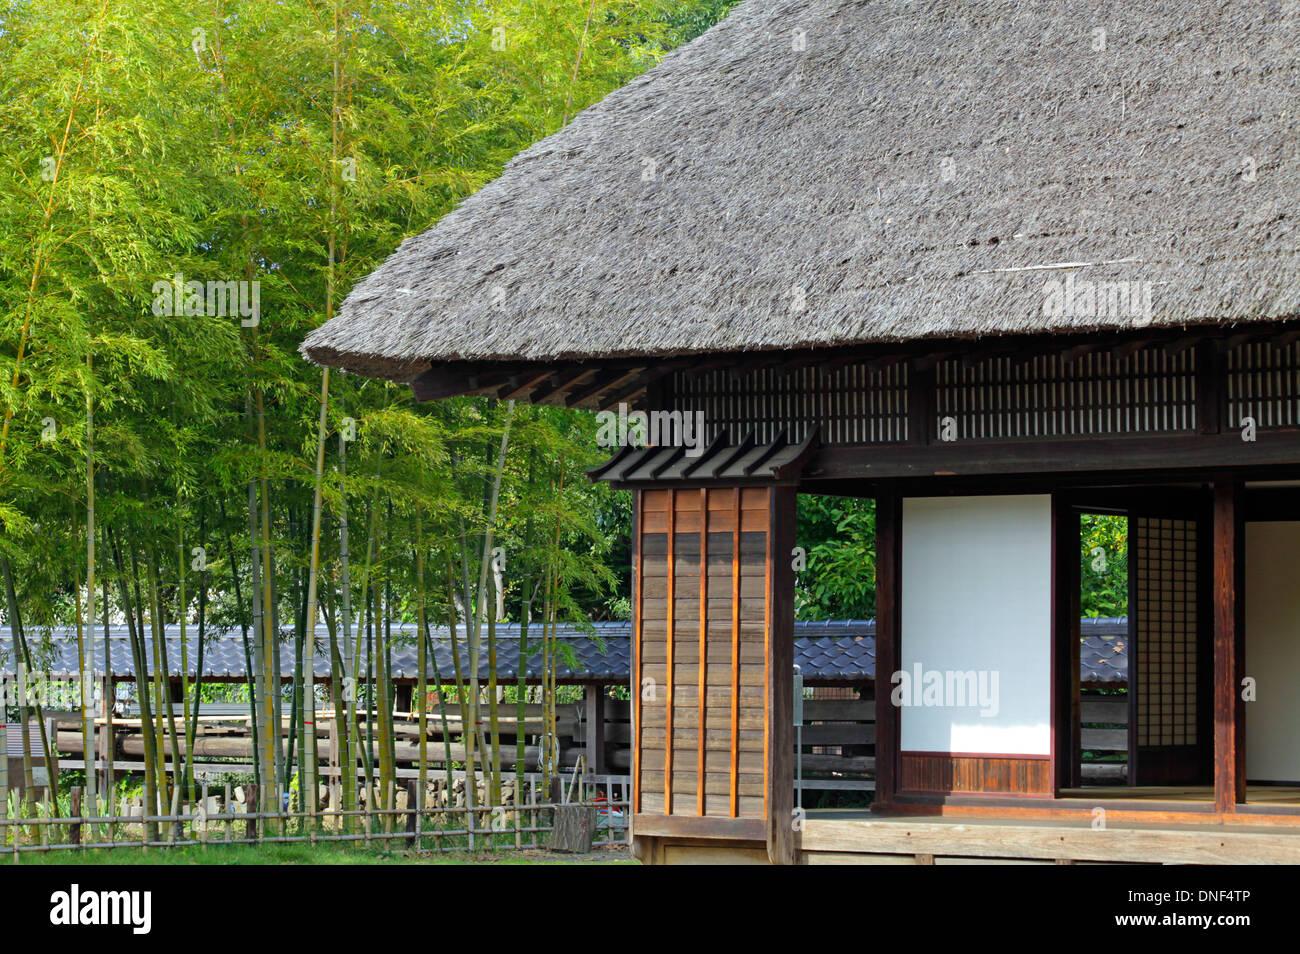 Toit de chaume et bosquet du bambou dans le jardin vieille maison ...